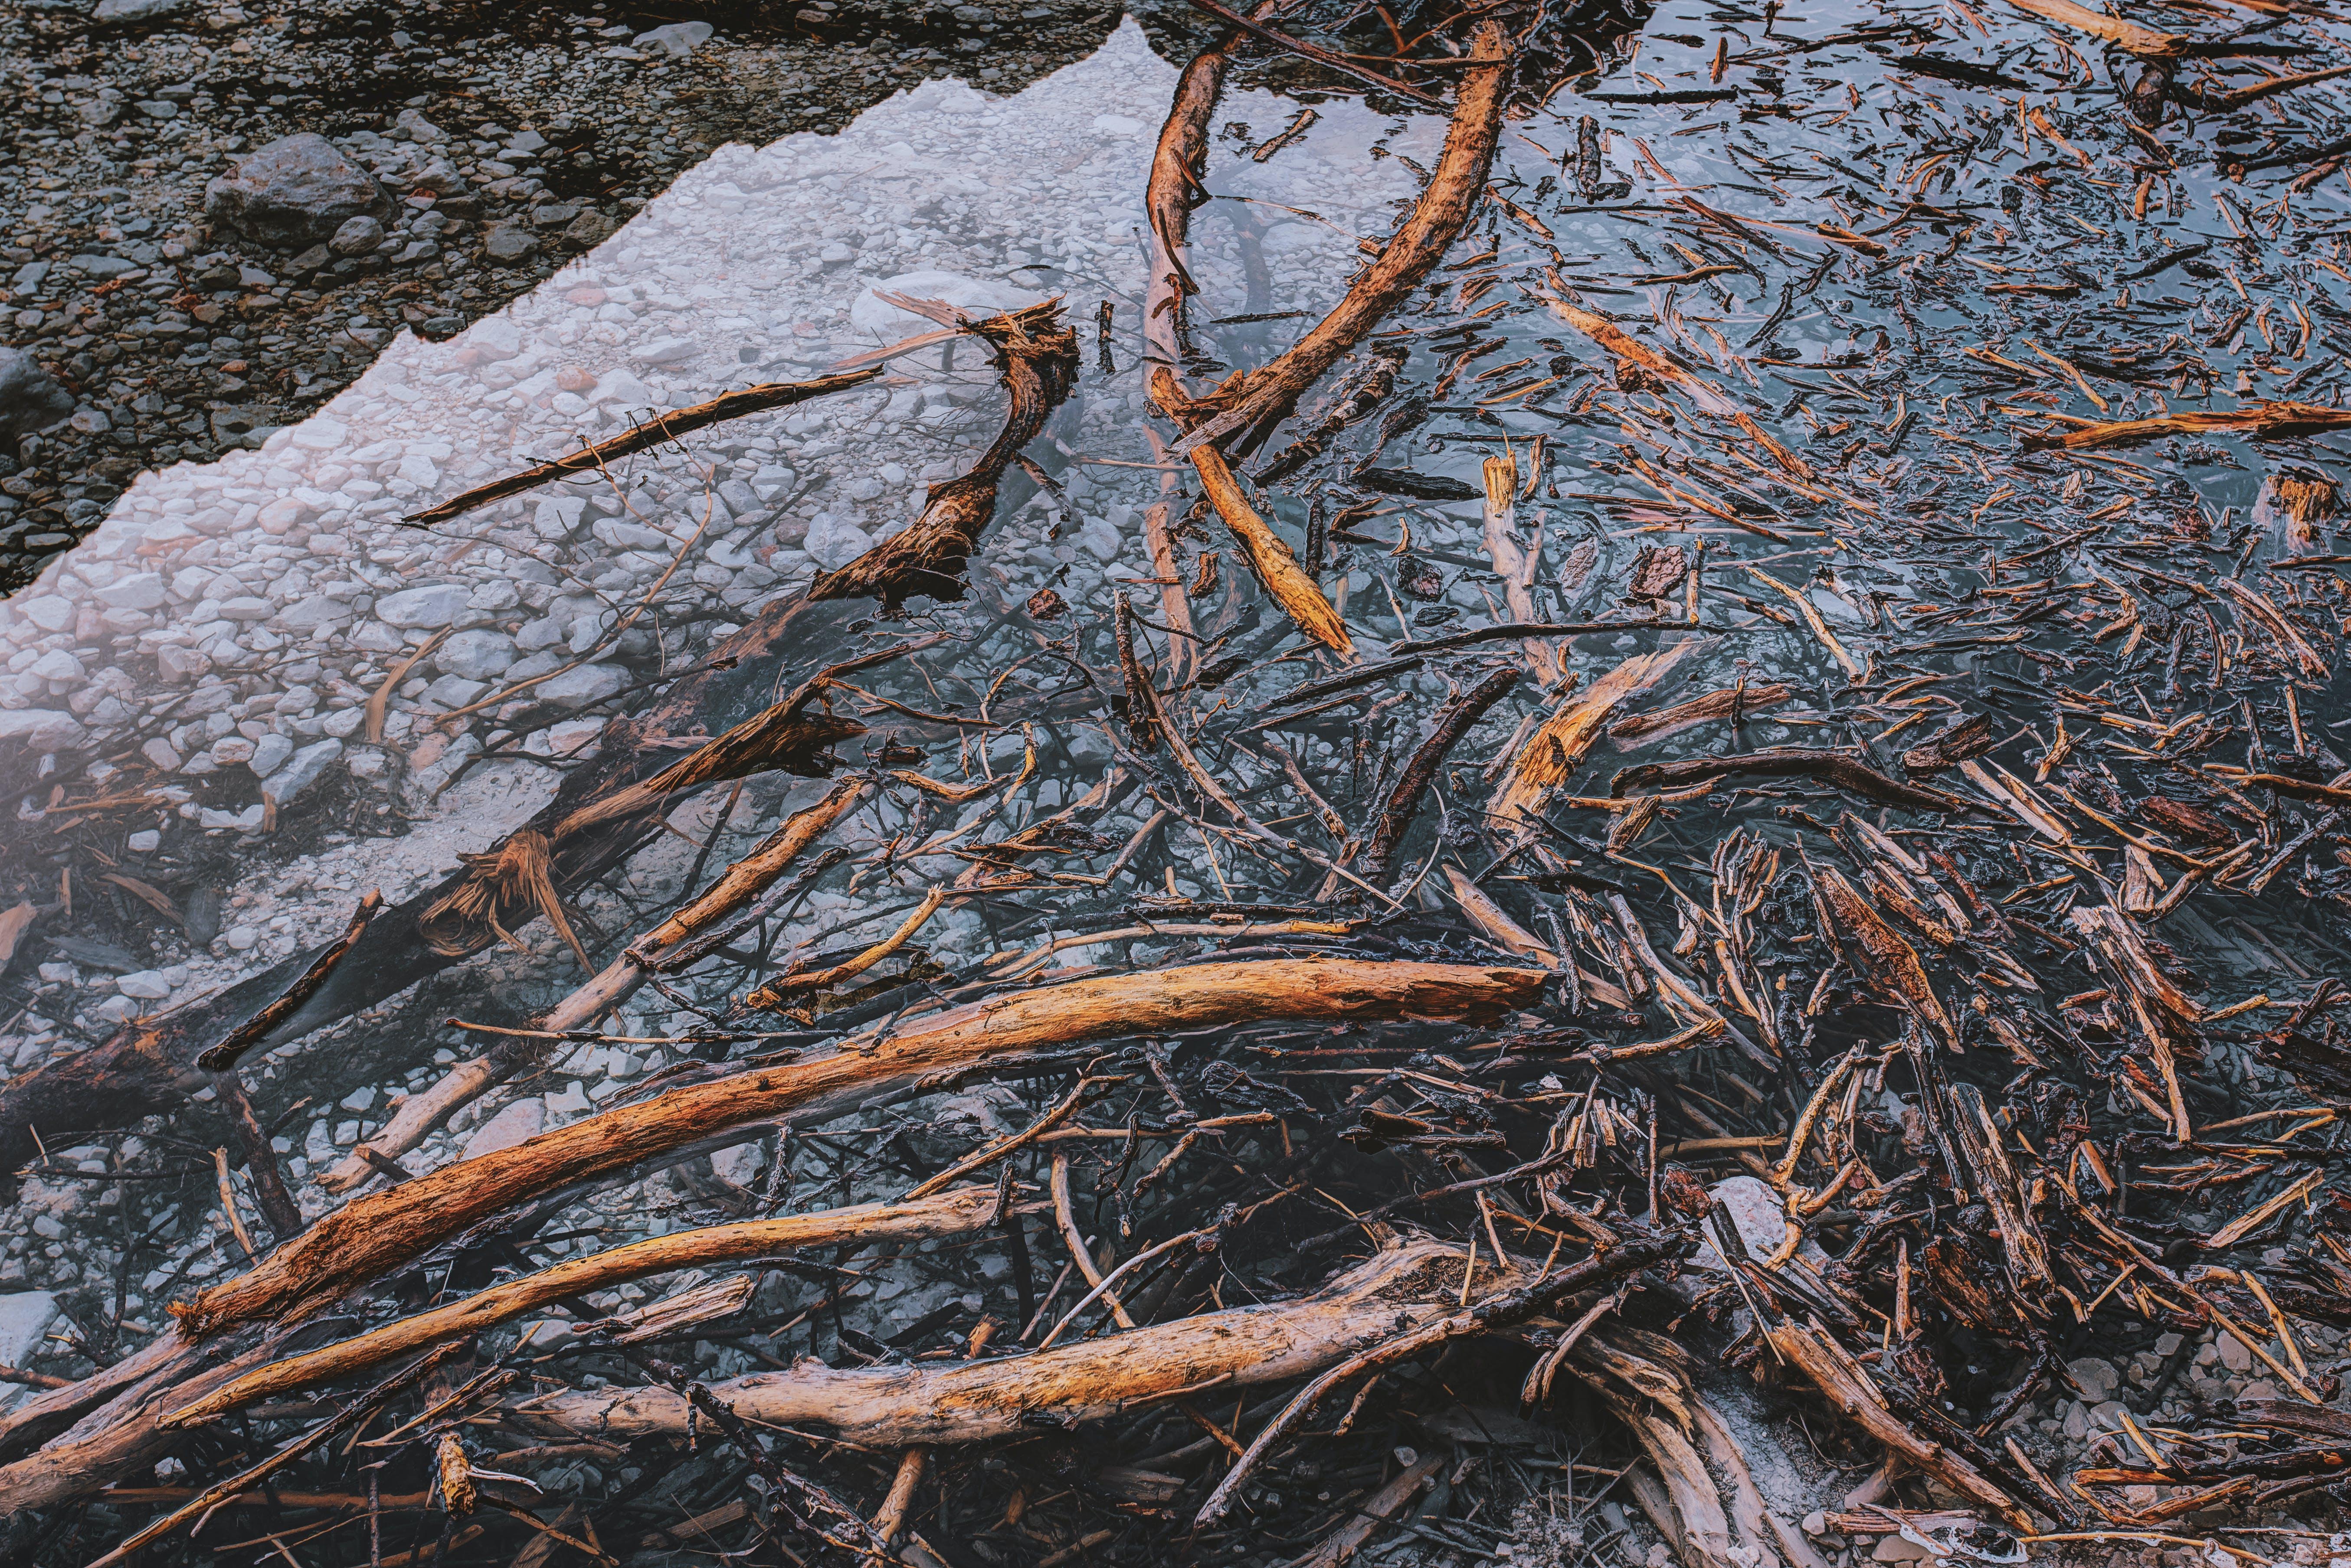 ahşap, dalgaların karaya attığı odun, kayalar, Su içeren Ücretsiz stok fotoğraf